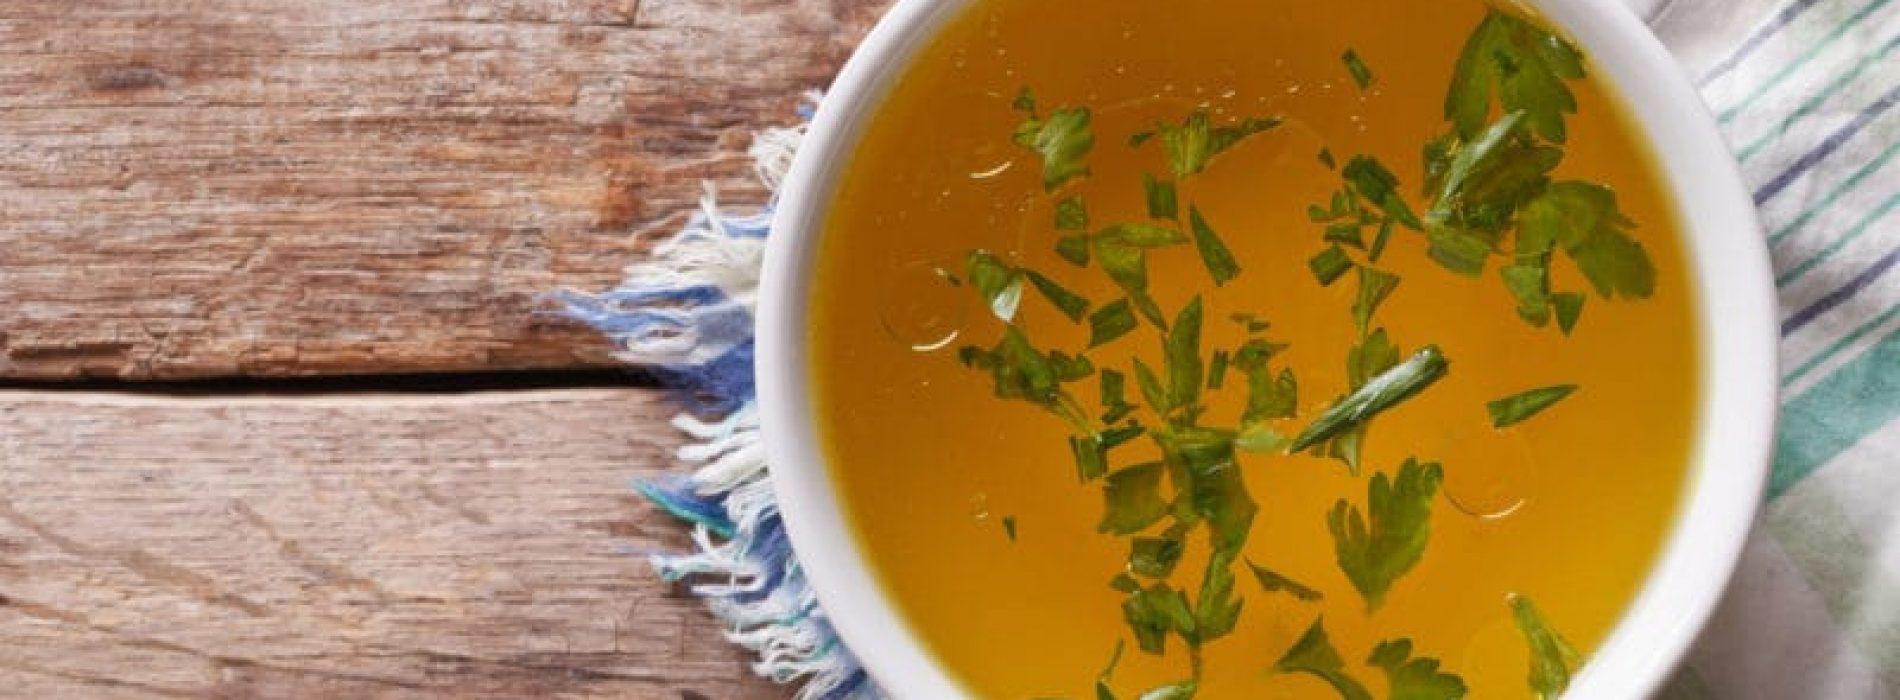 Studie onthult dat het drinken van bouillon gemaakt van droog uitgeharde hambotten cardioprotectieve effecten heeft